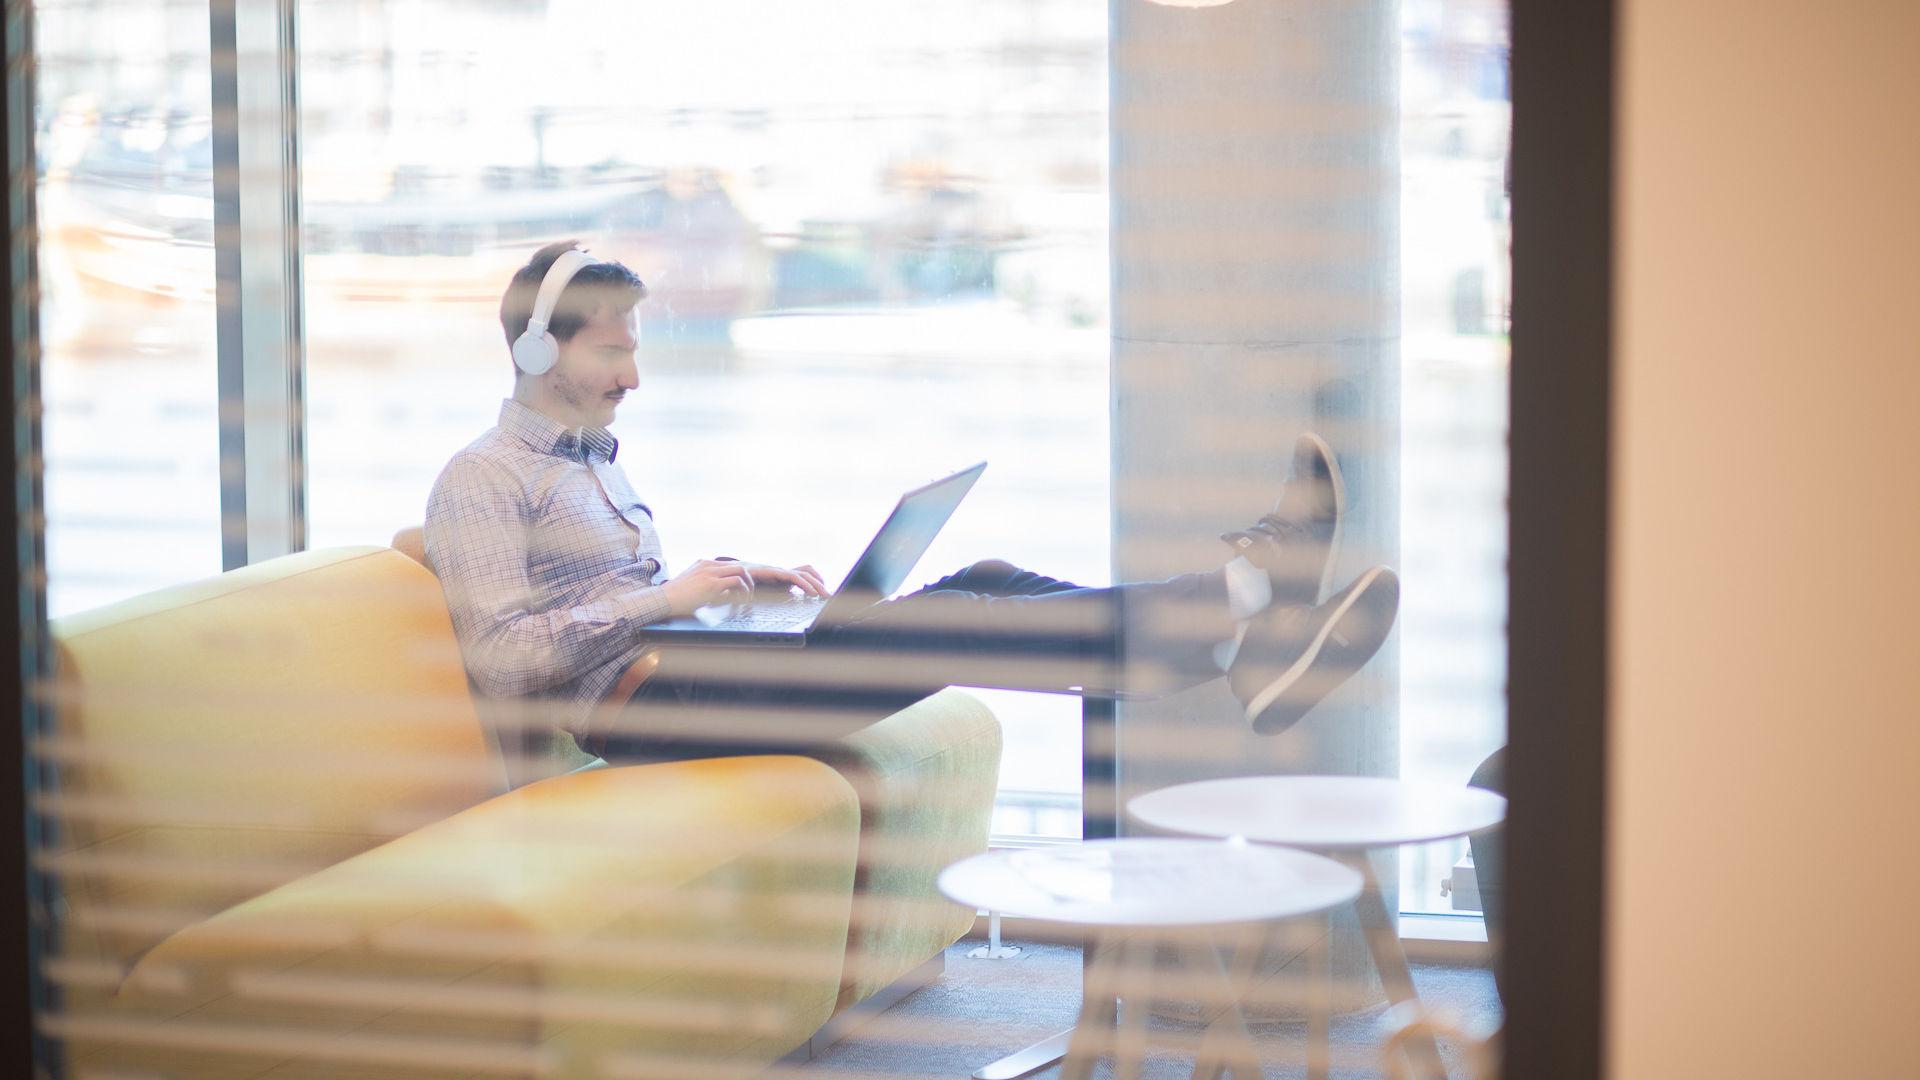 Man sitter i soffa med en laptop i knät och hörlurar på huvudet.